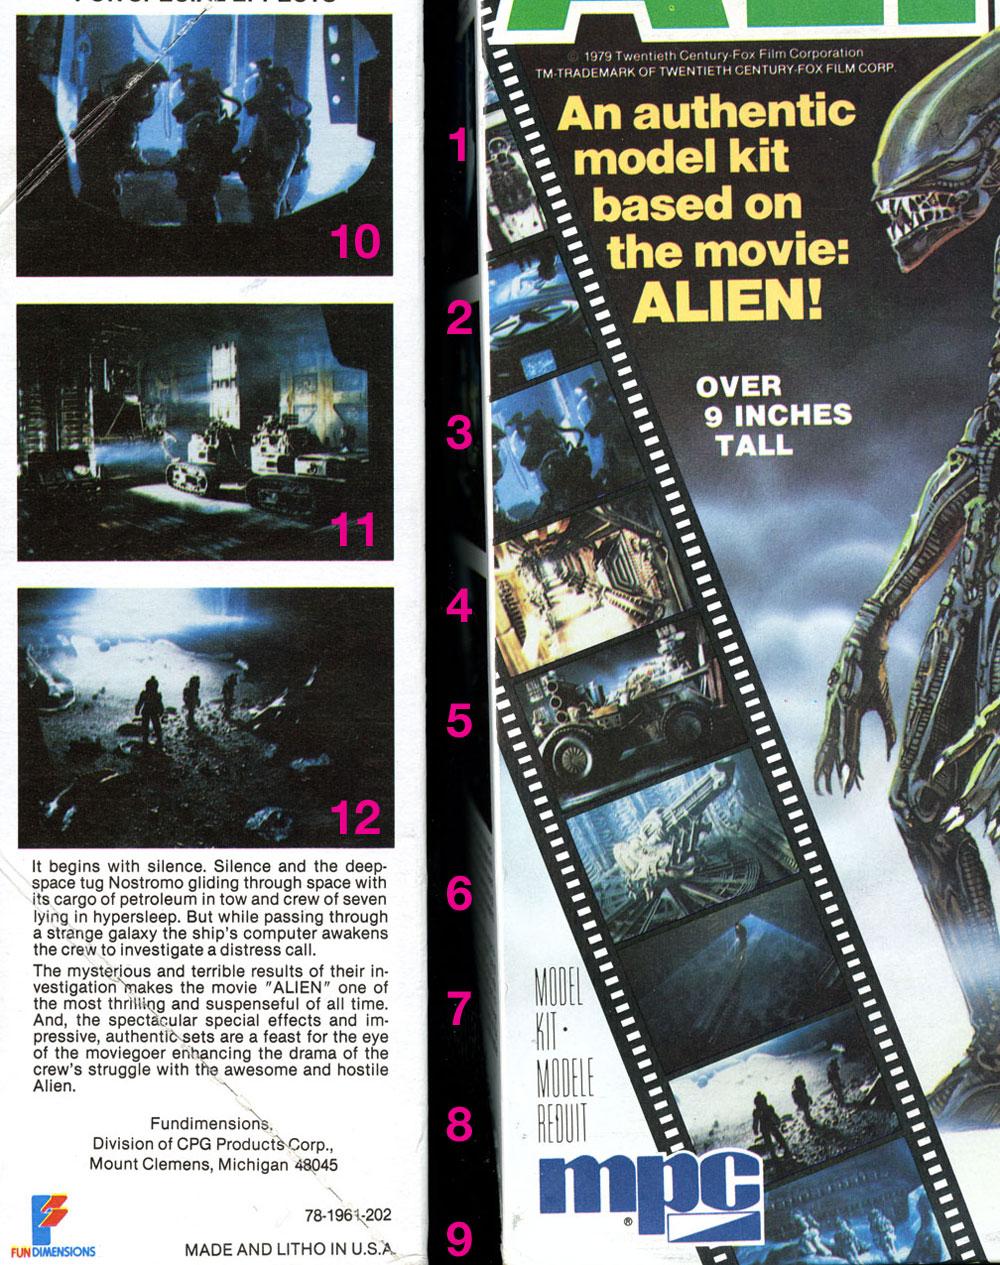 Alien-box-comparison2